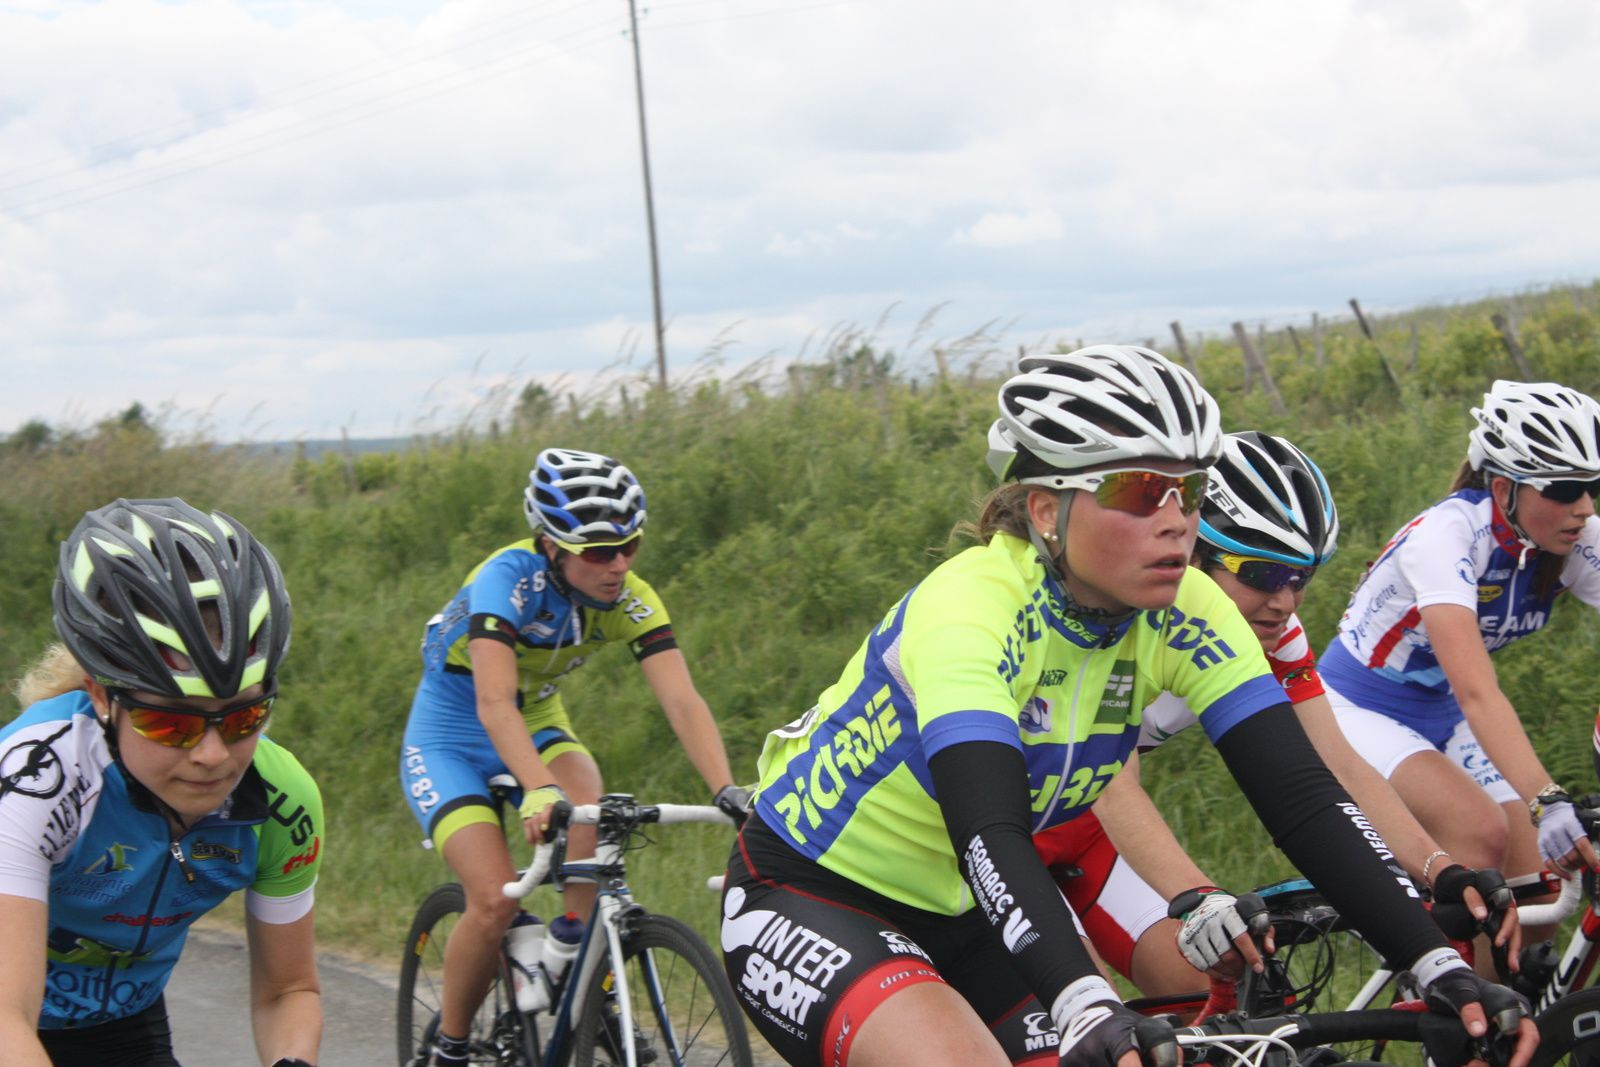 Aprés  une  présence  en  tête  de  peloton  jusqu'à  mi  course , Pauline  VERHOEVEN  à  craqué  à  3  tours  de  l'arrivée